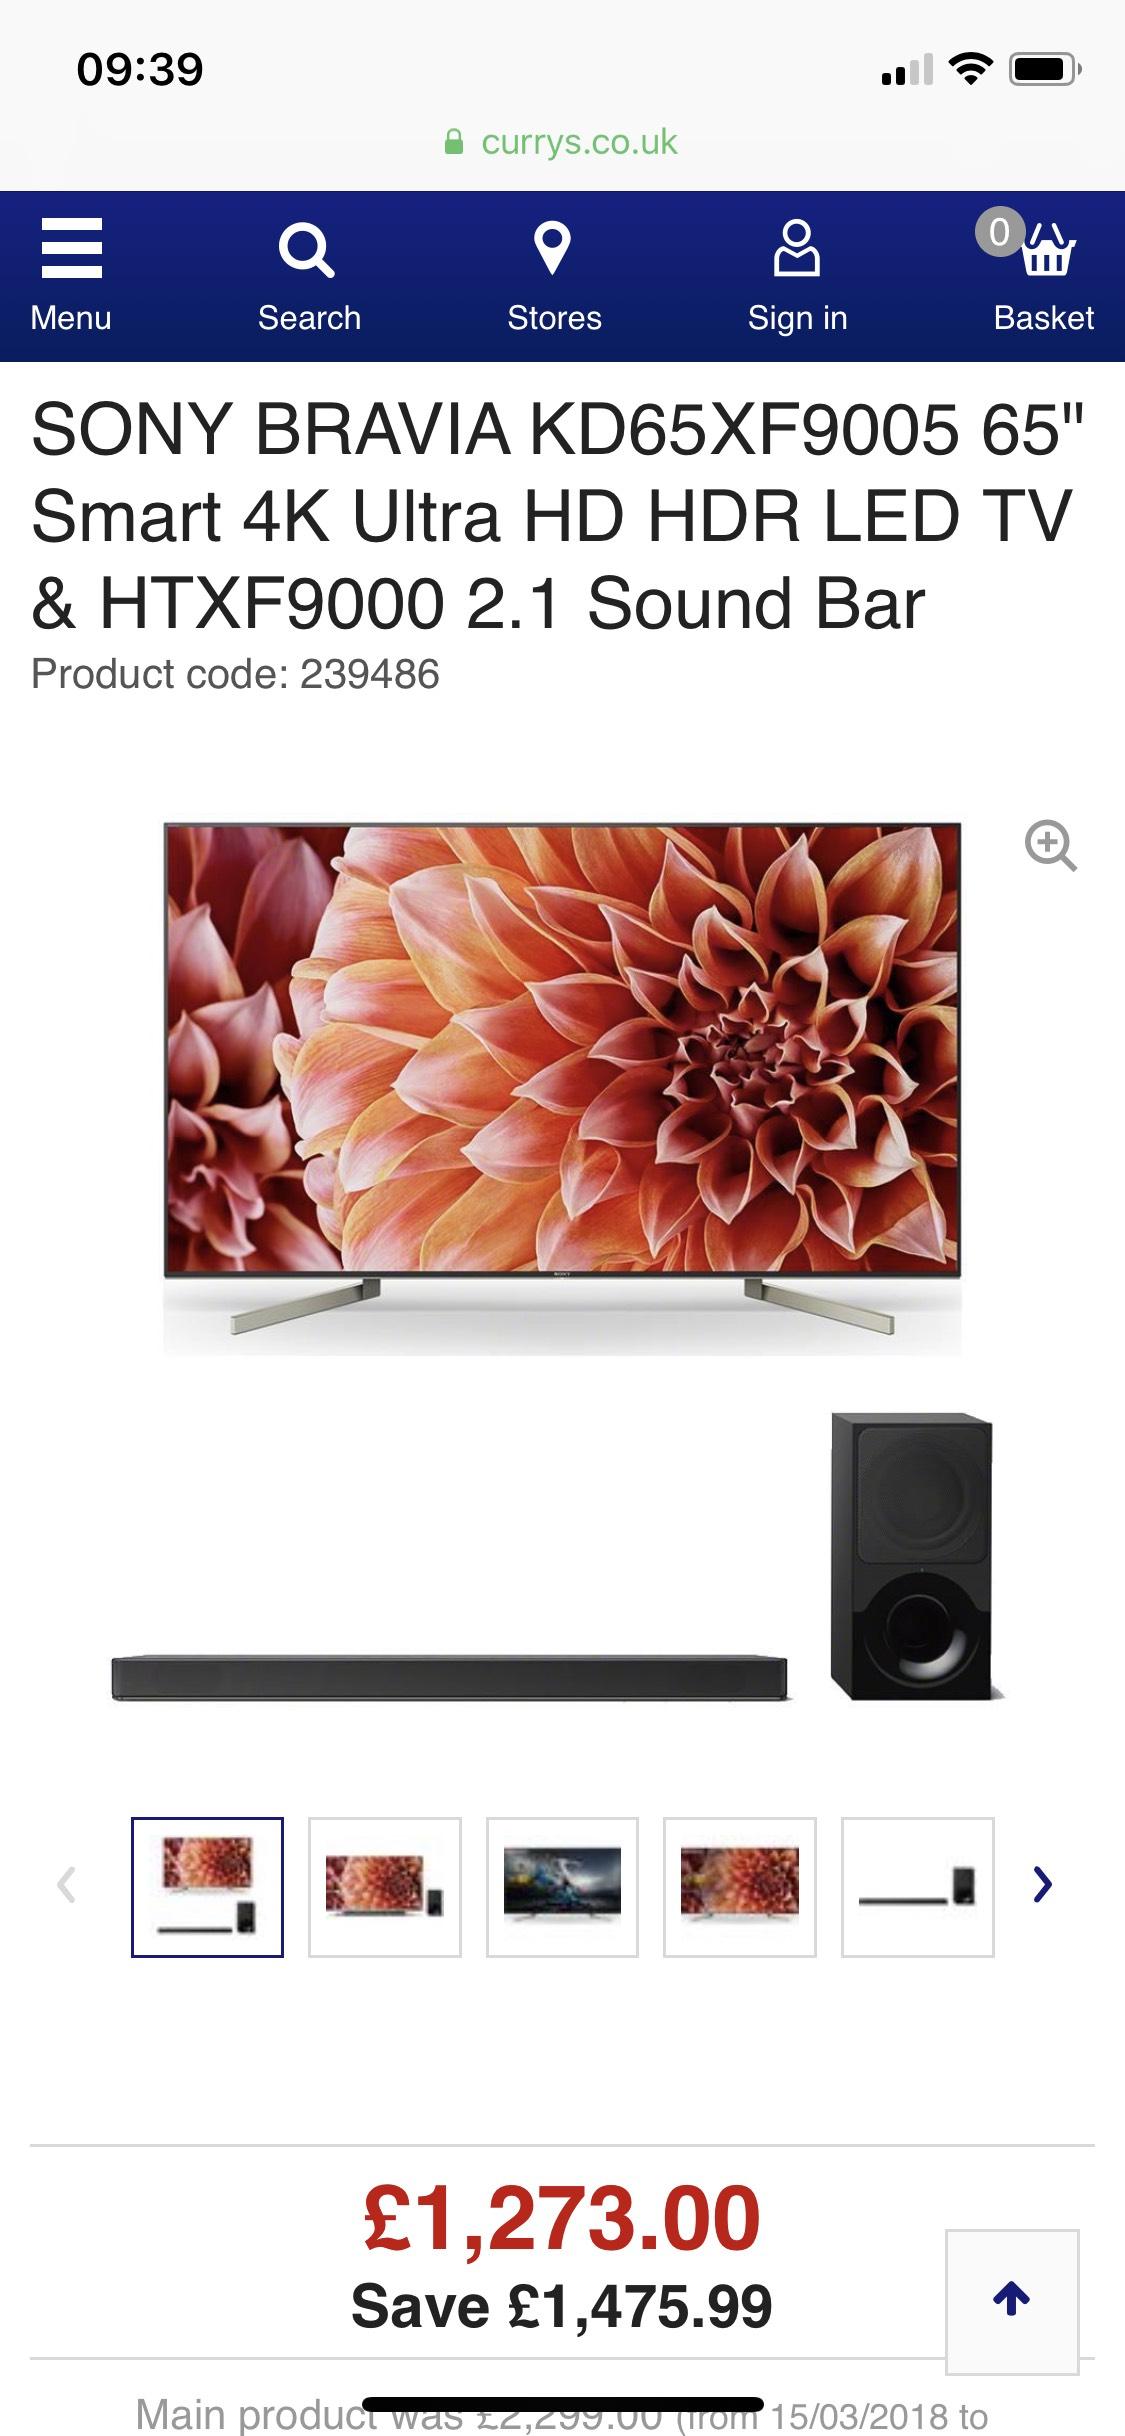 """SONY BRAVIA KD65XF9005 65"""" Smart 4K Ultra HD HDR LED TV & HTXF9000 2.1 Sound Bar £1273 Currys"""